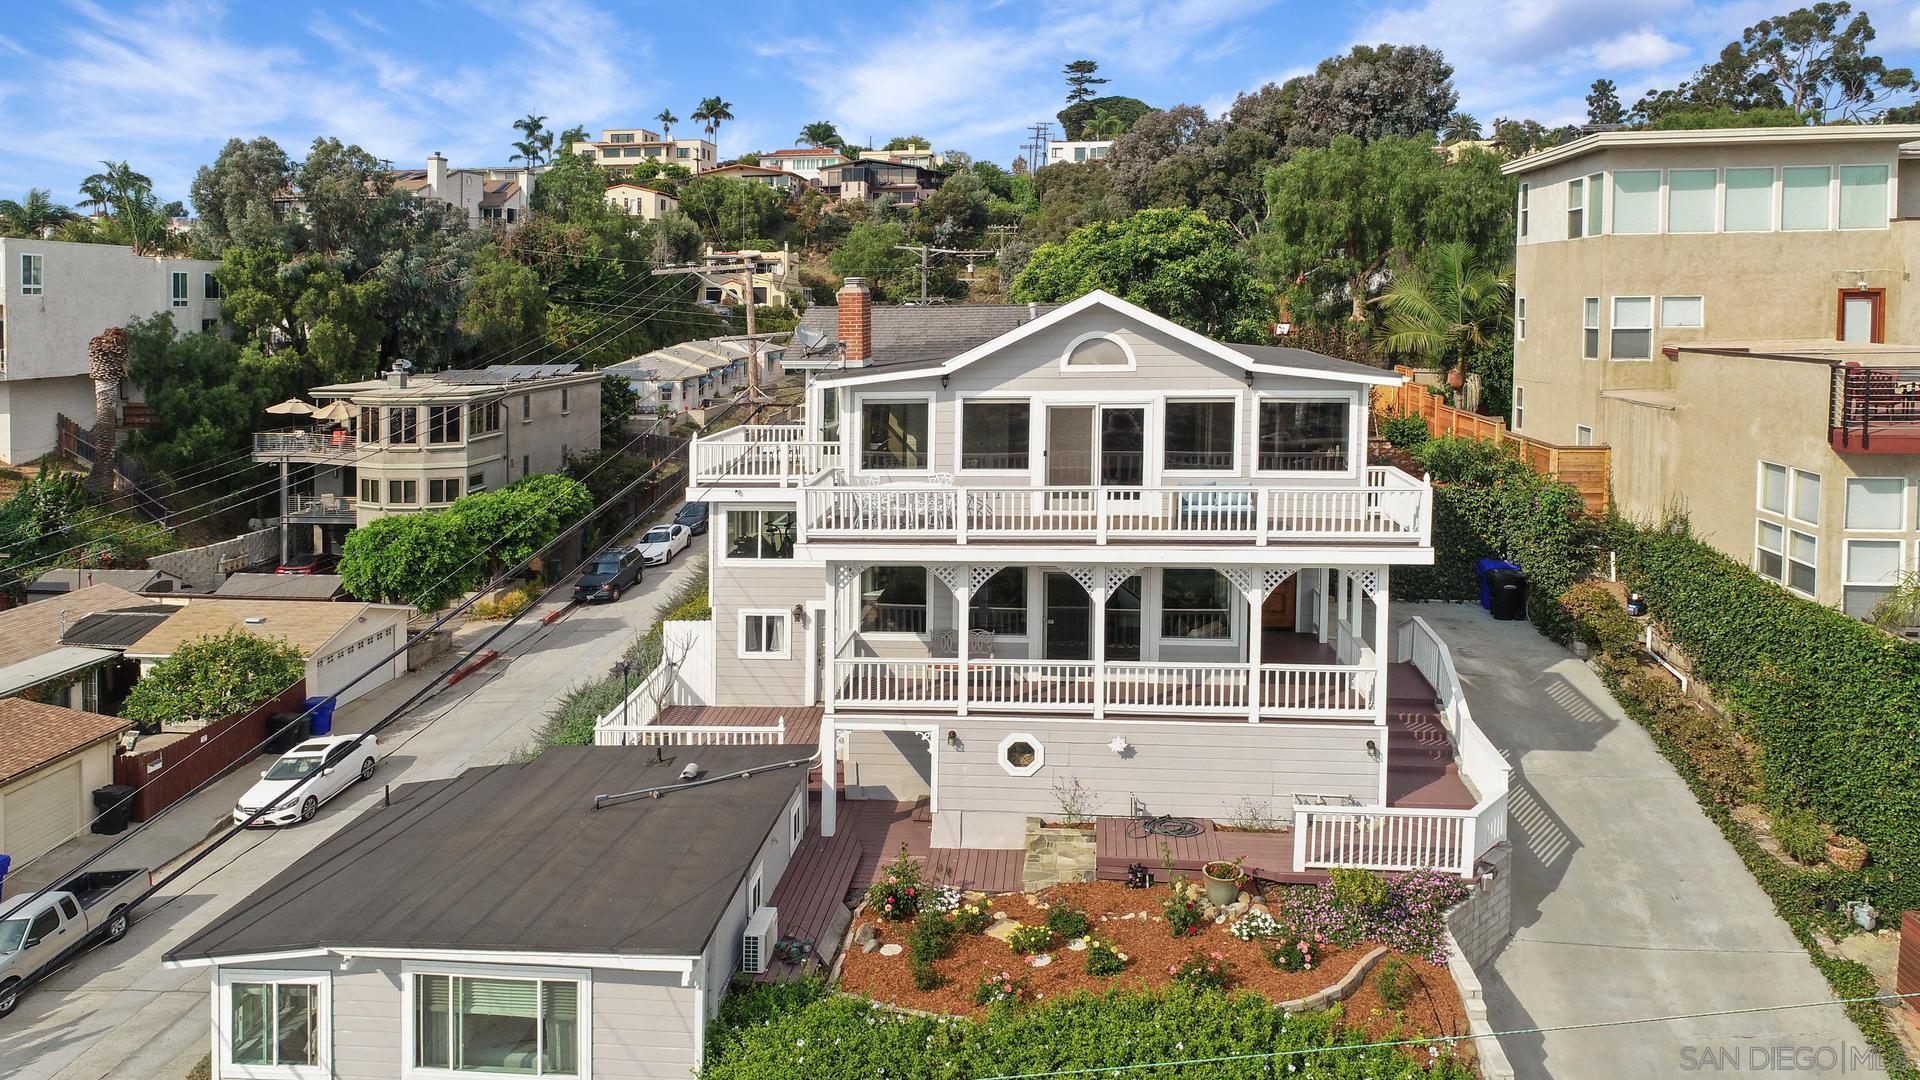 1644 Linwood St, San Diego, CA 92103